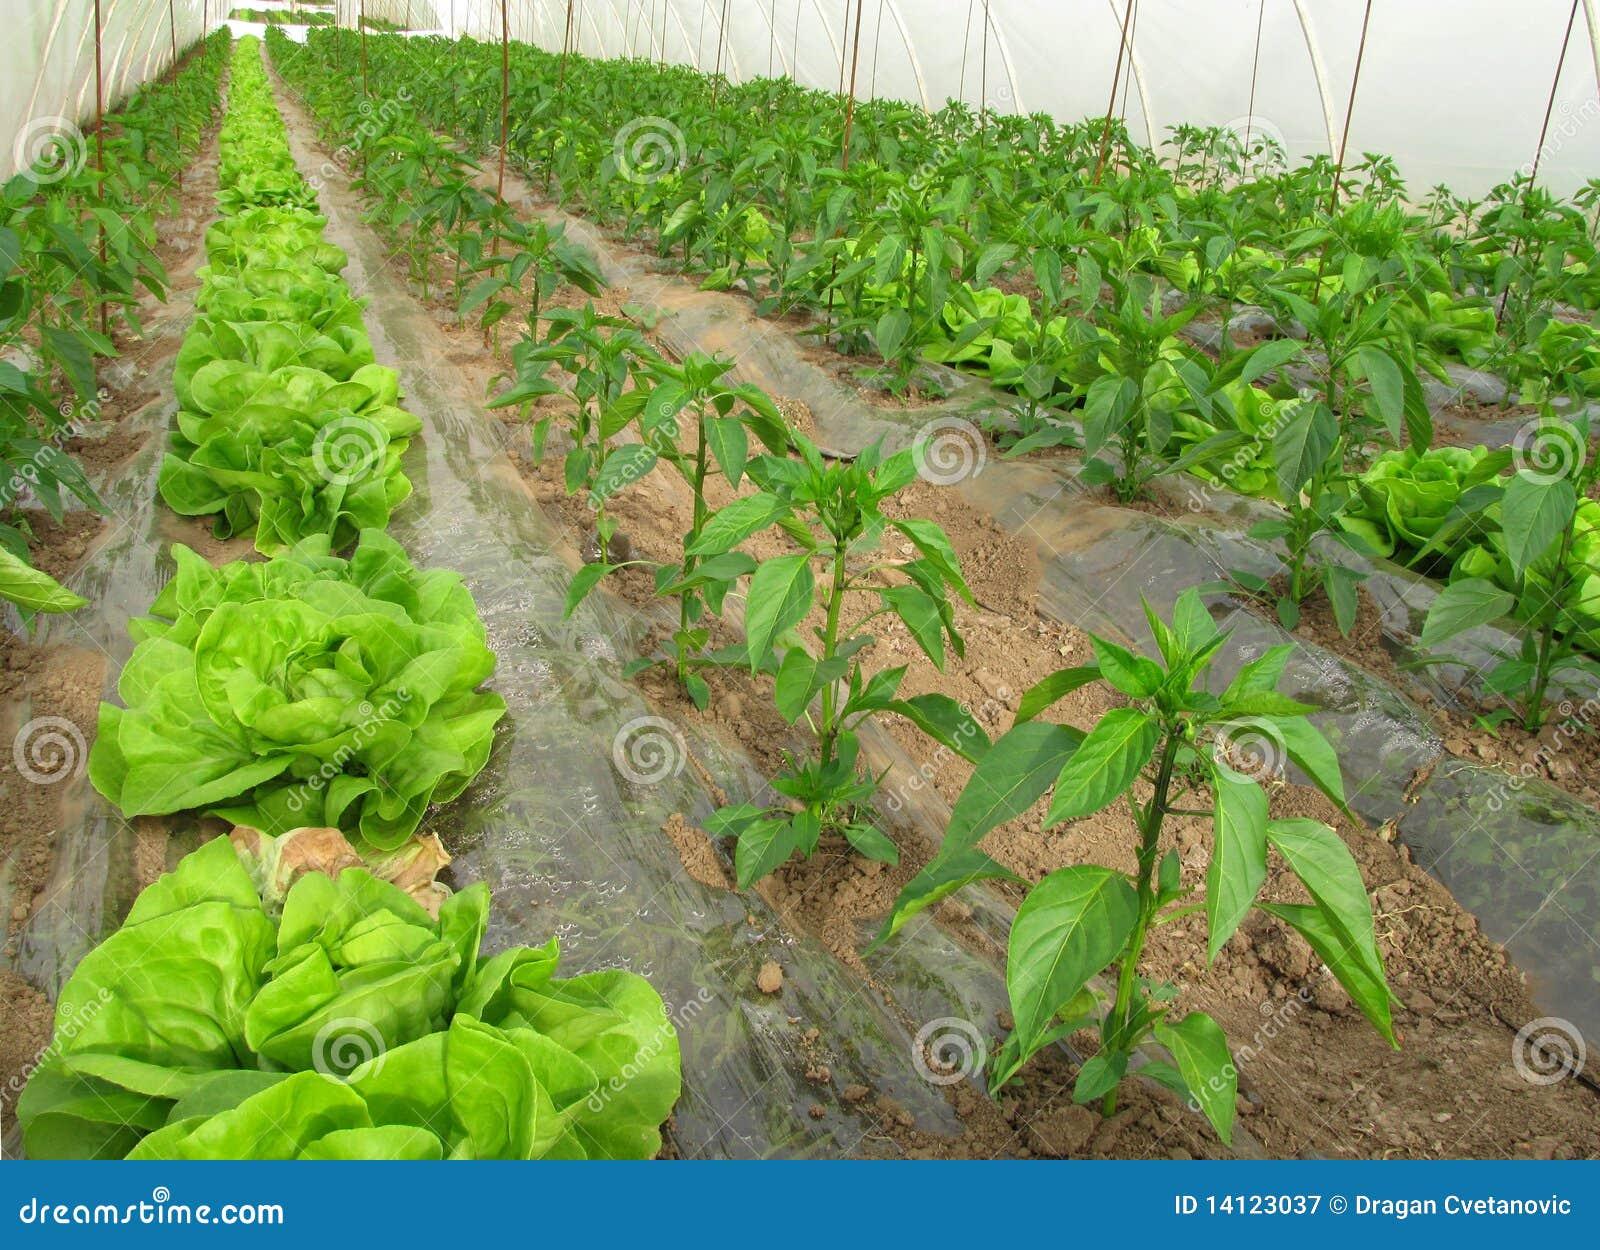 Organische Landwirtschaft Kopfsalat Und Pfeffer Im Gewachshaus